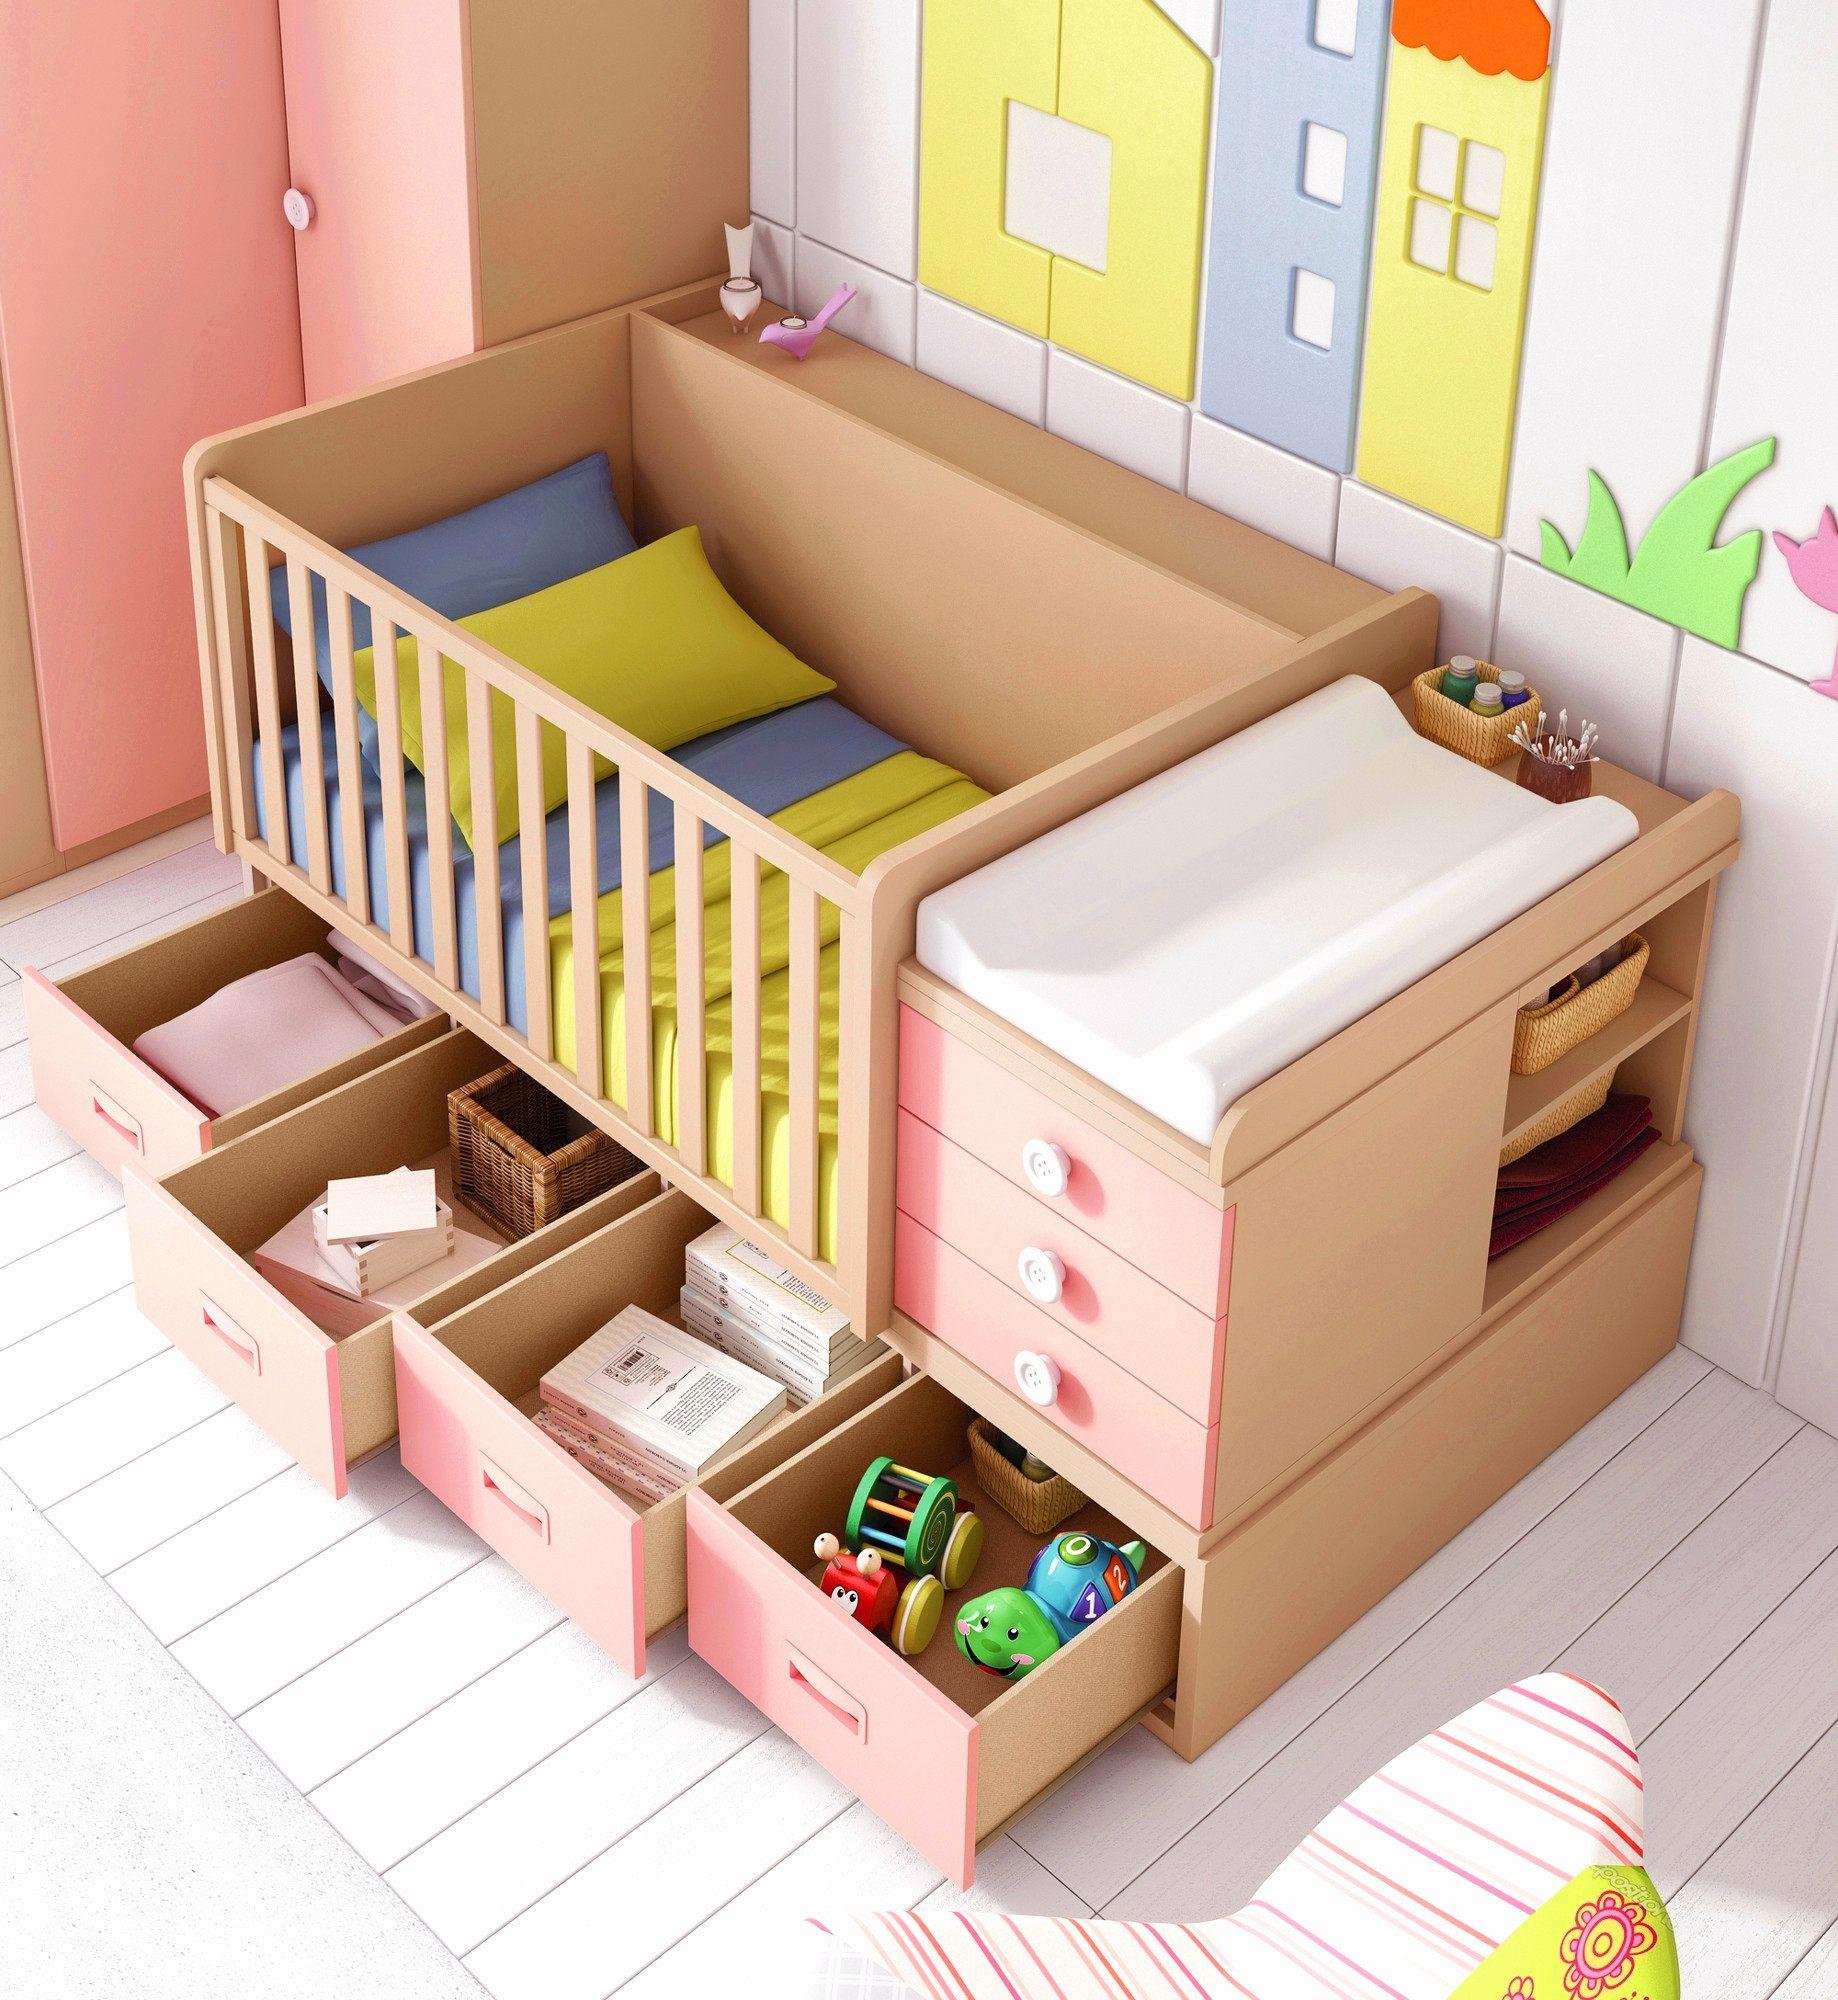 Tour Lit Bébé Magnifique Meilleur Lit Pour Bébé Support Pour Baignoire Bébé Elegant Mode Bébé